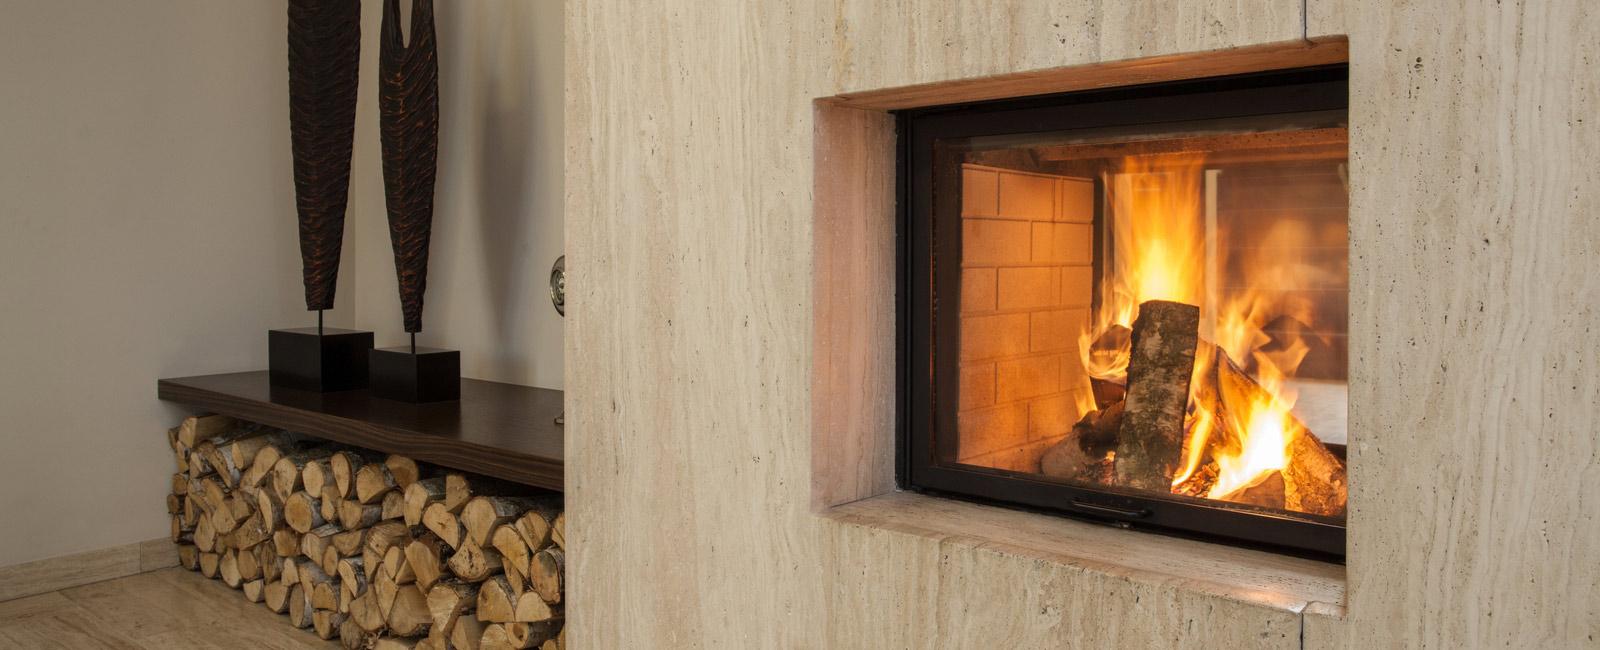 Poêle à bois insert de cheminée